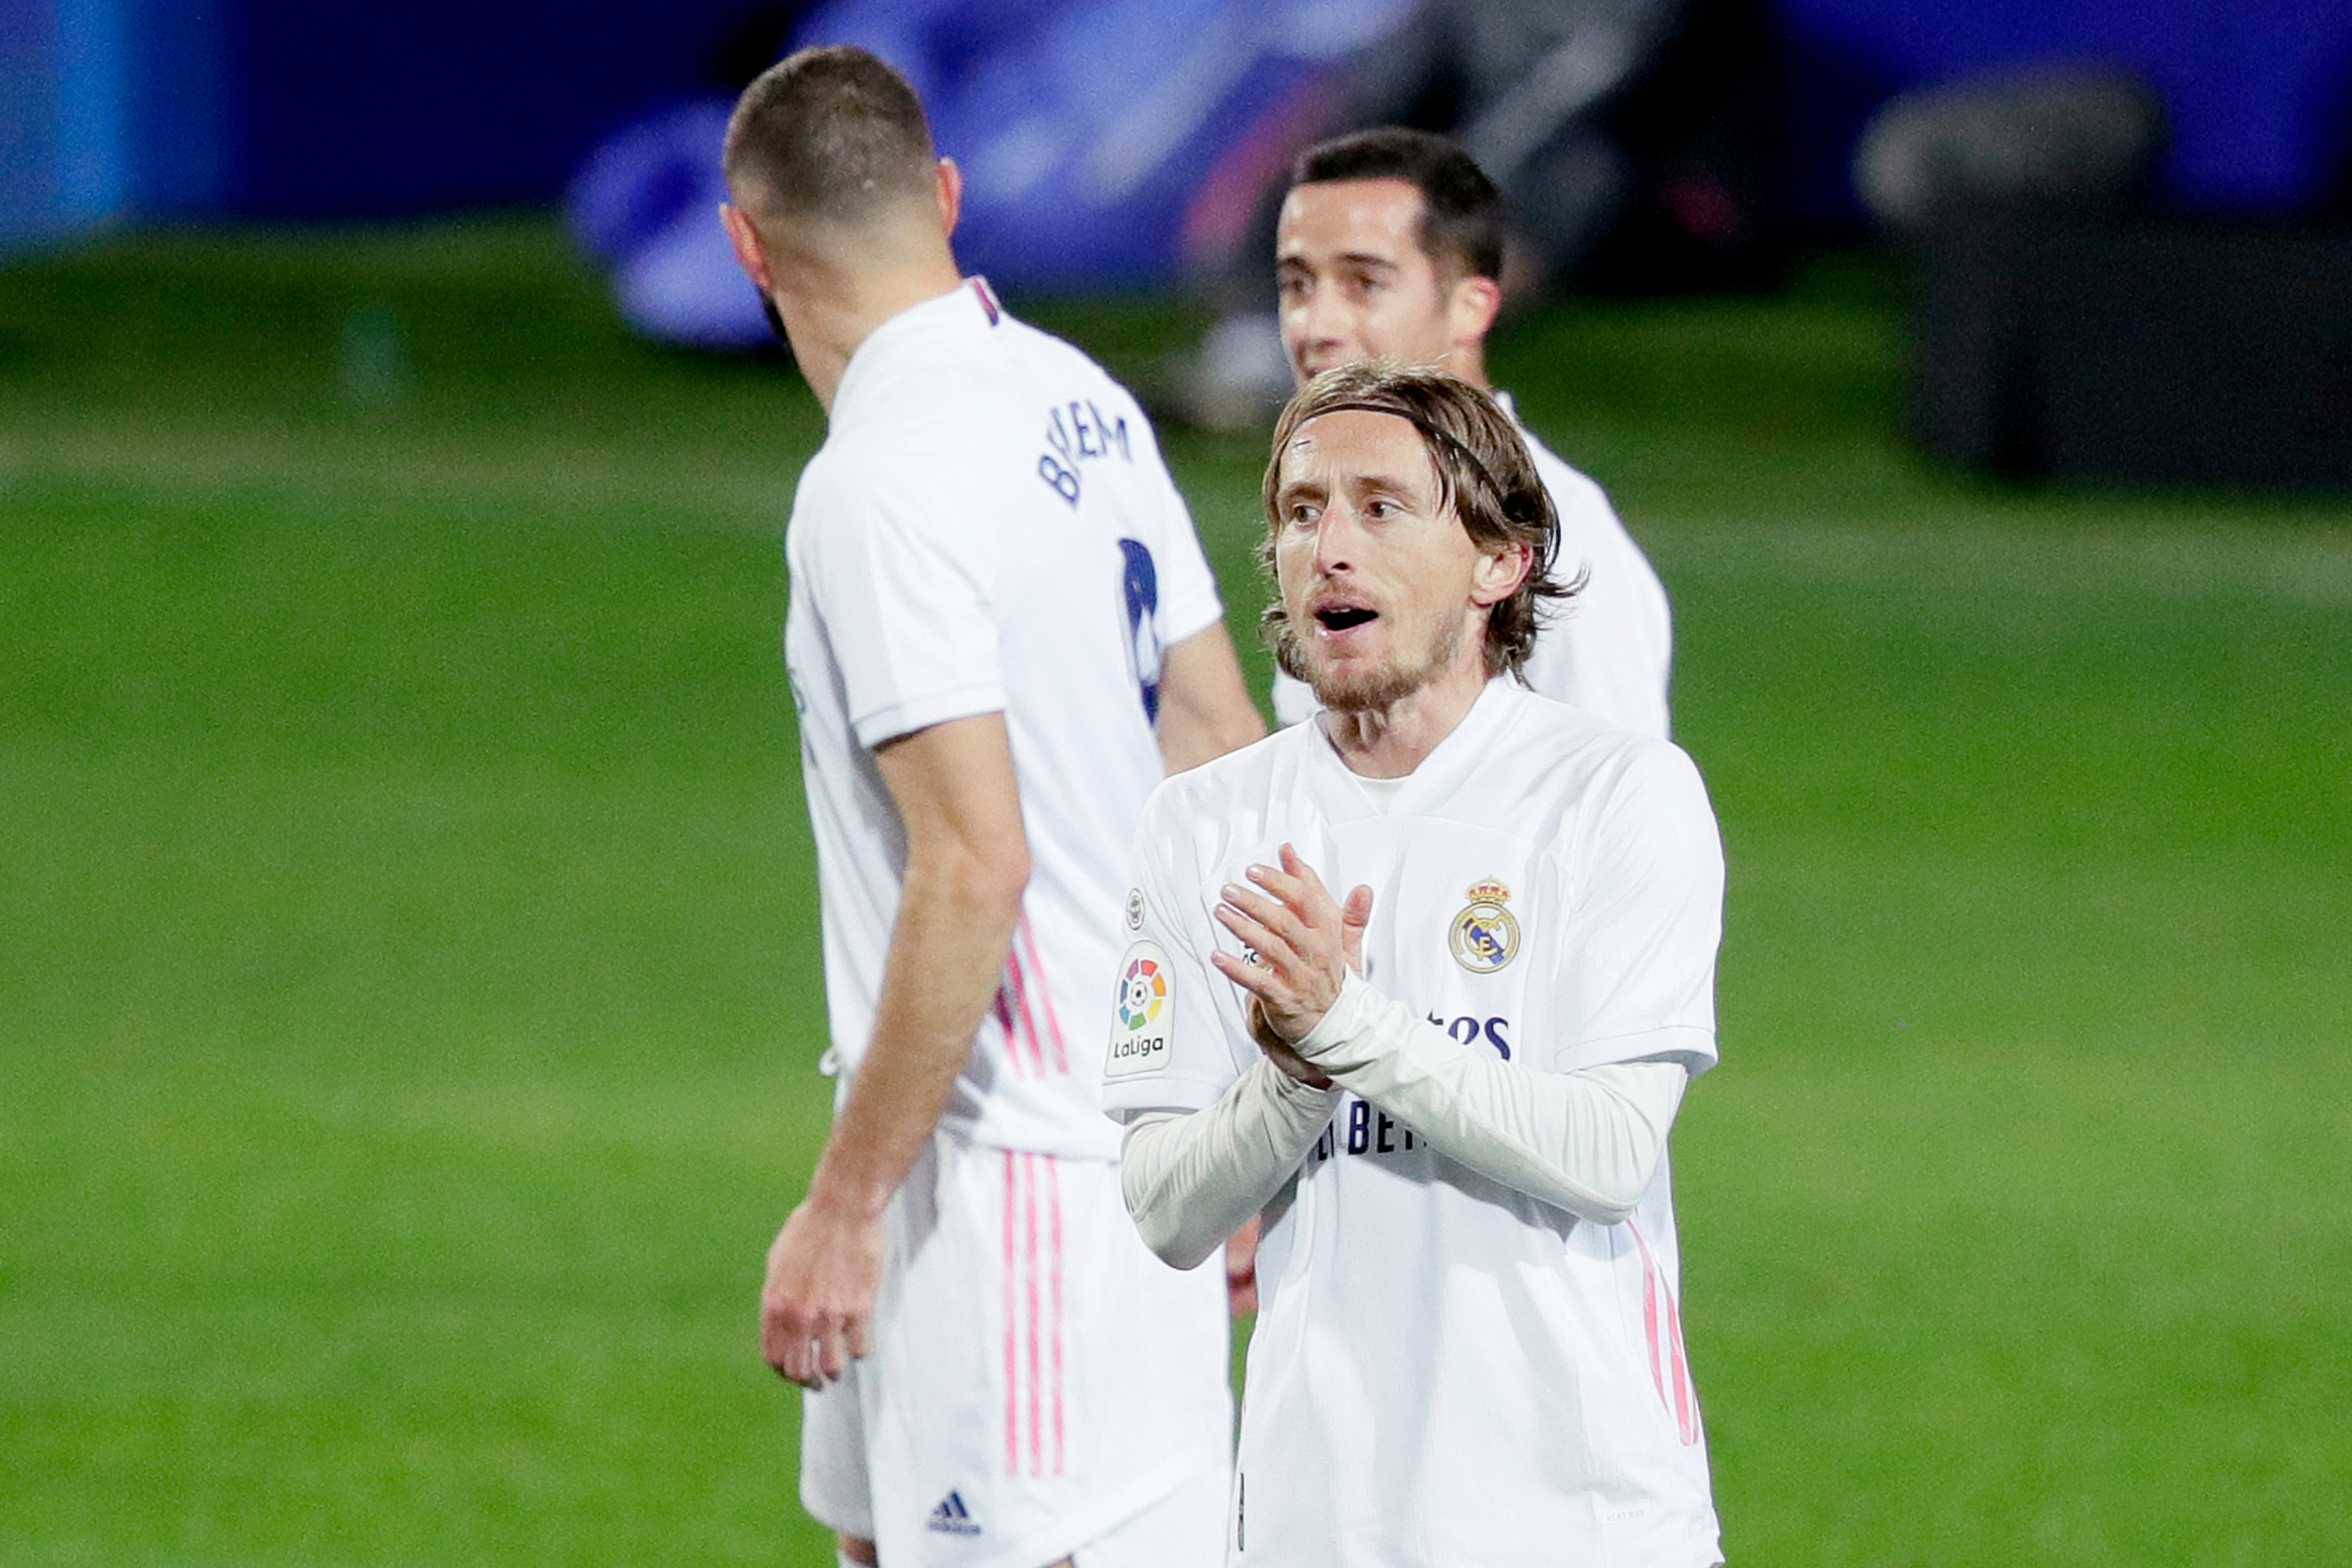 Эдегор вернулся в «Арсенал» – вся карьера в одном тексте. Хейт в Мадриде, дополнительные тренировки и спасение Слуцкого